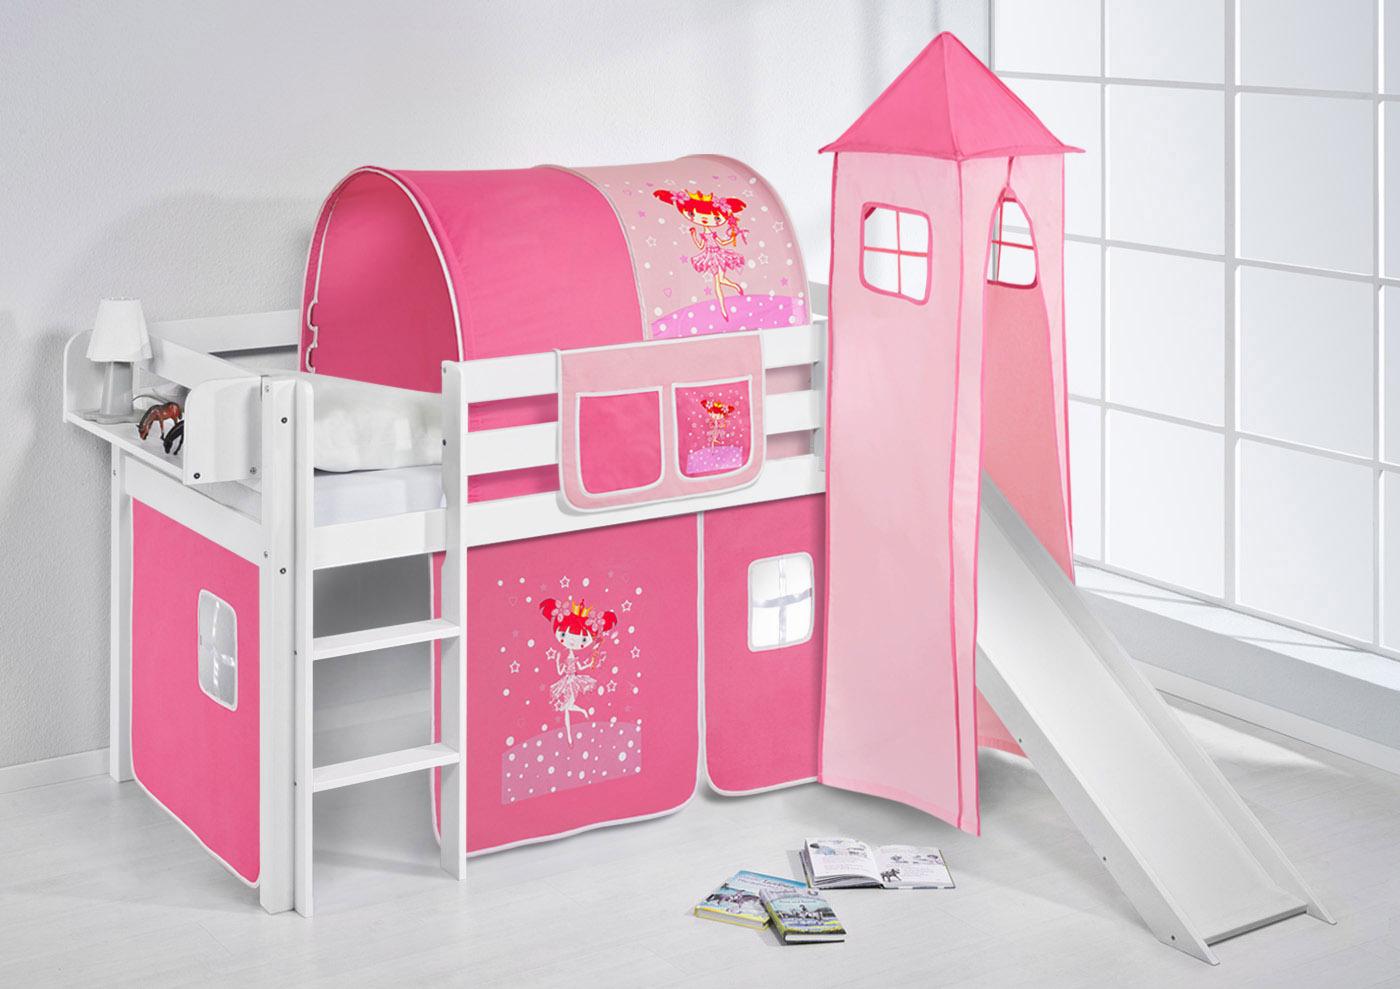 Ikea Expedit Oak Discontinued ~   Hochbett Kinderbett Kinder Bett JELLE mit Turm und Rutsche + Vorhang